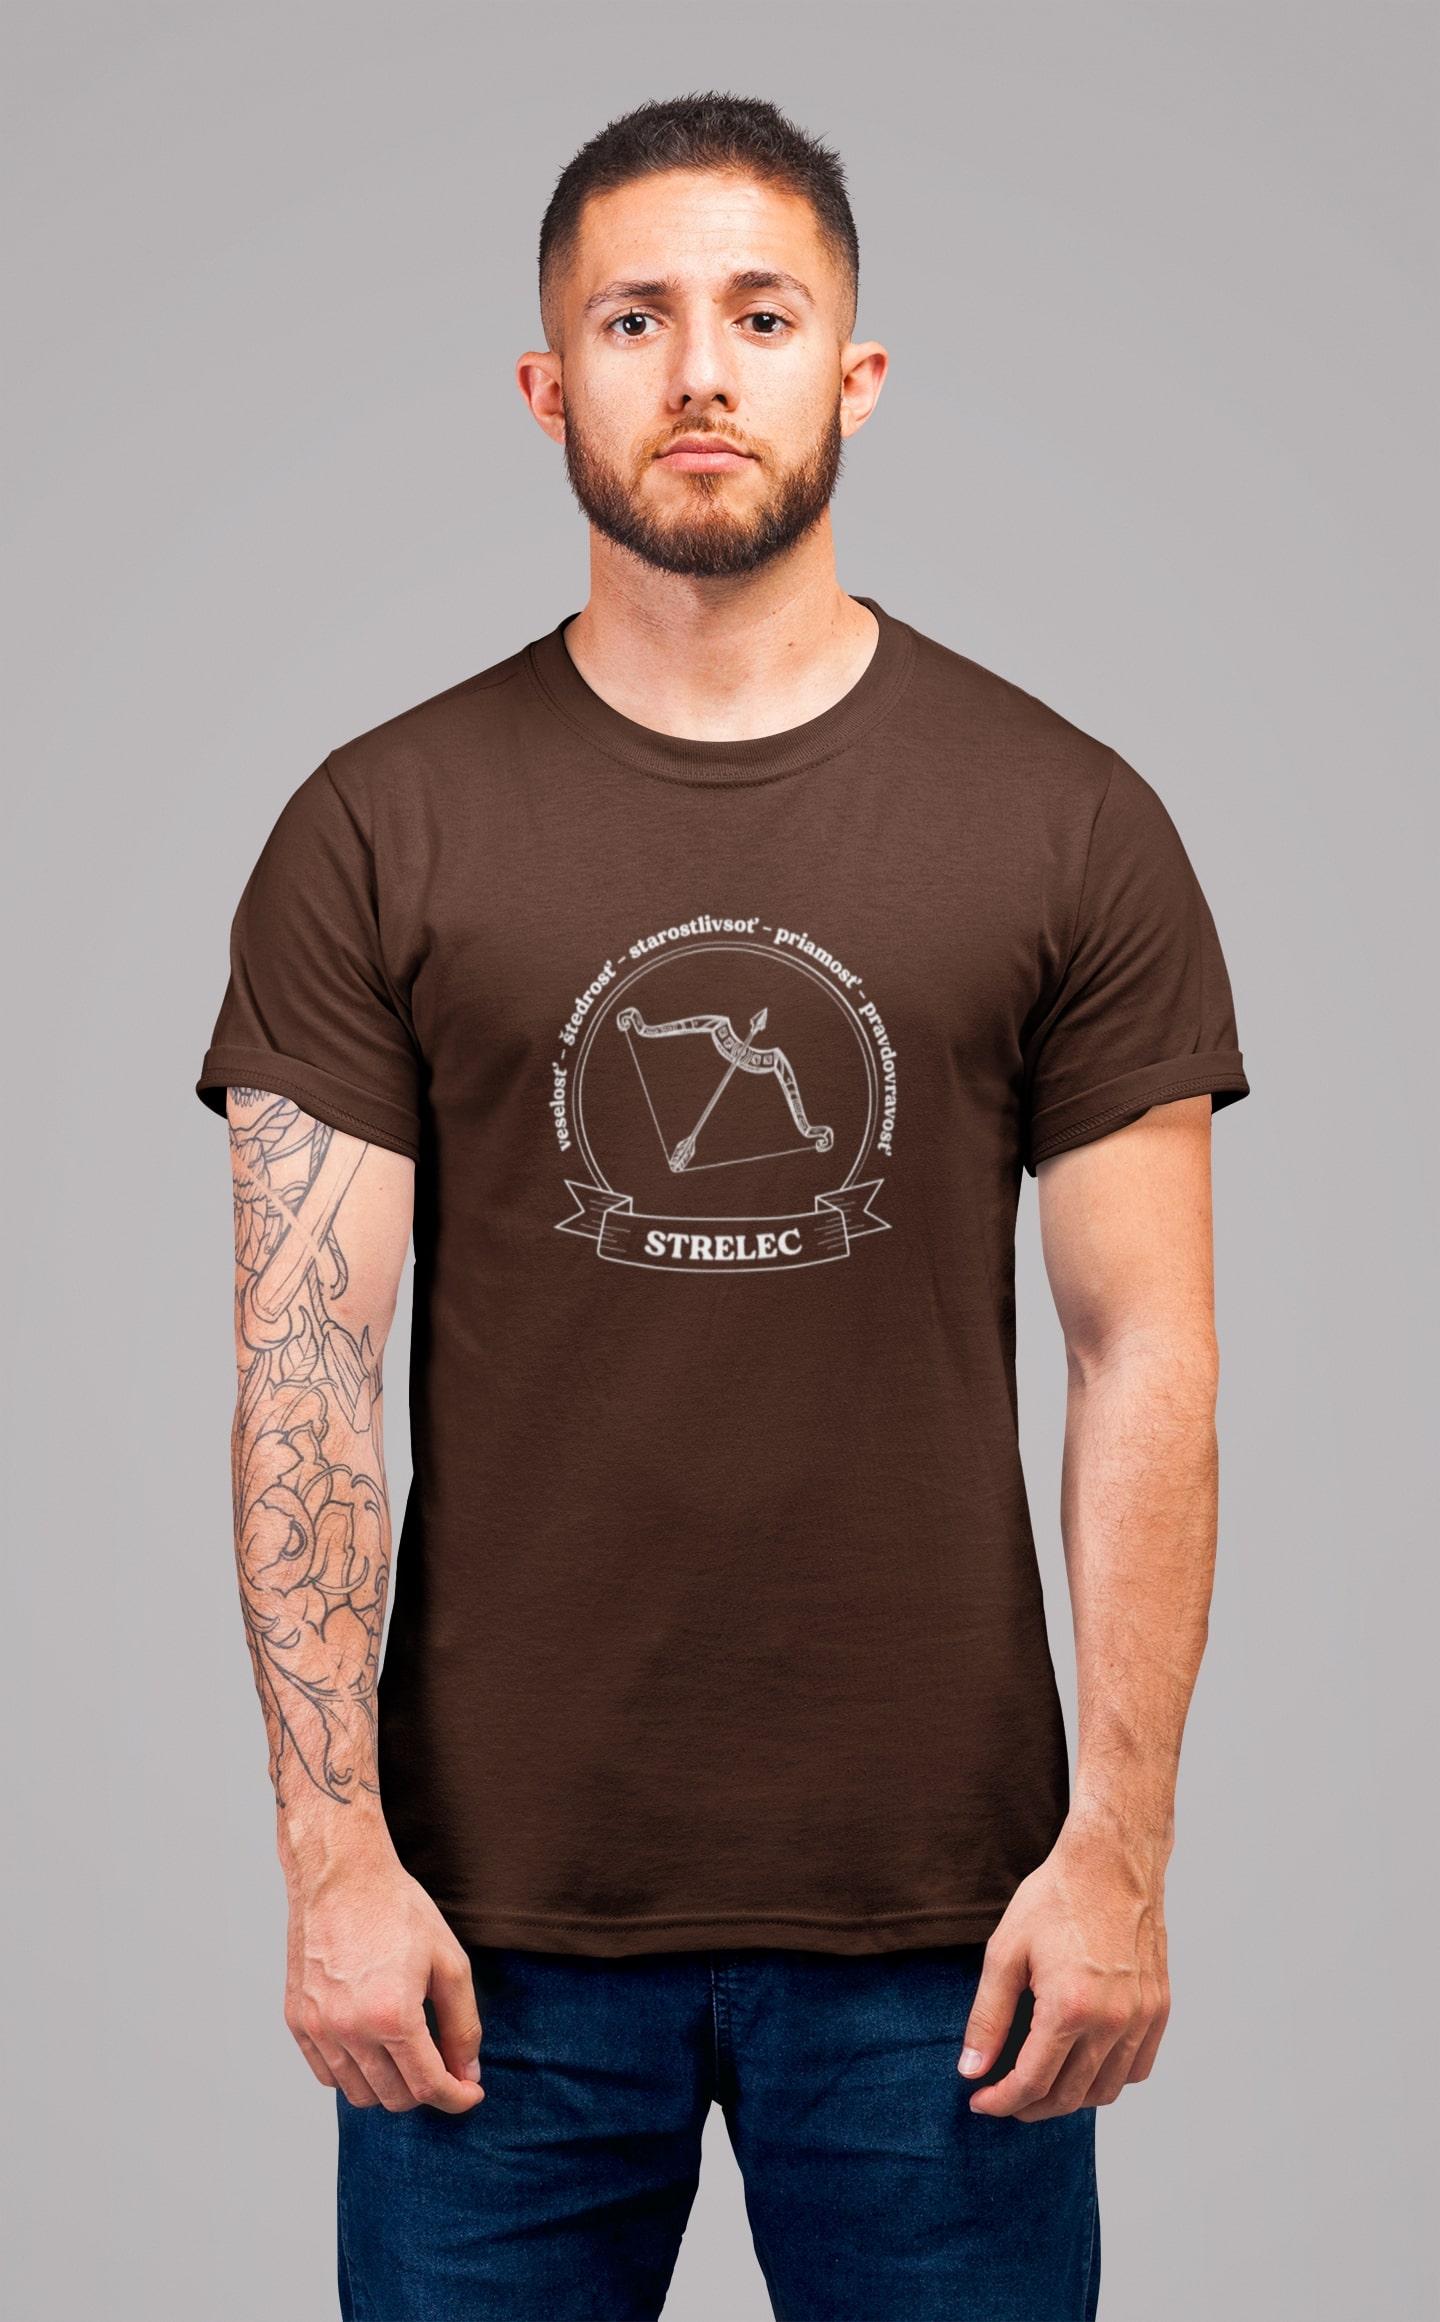 MMO Pánske tričko Strelec Vyberte farbu: Čokoládová, Vyberte veľkosť: XL